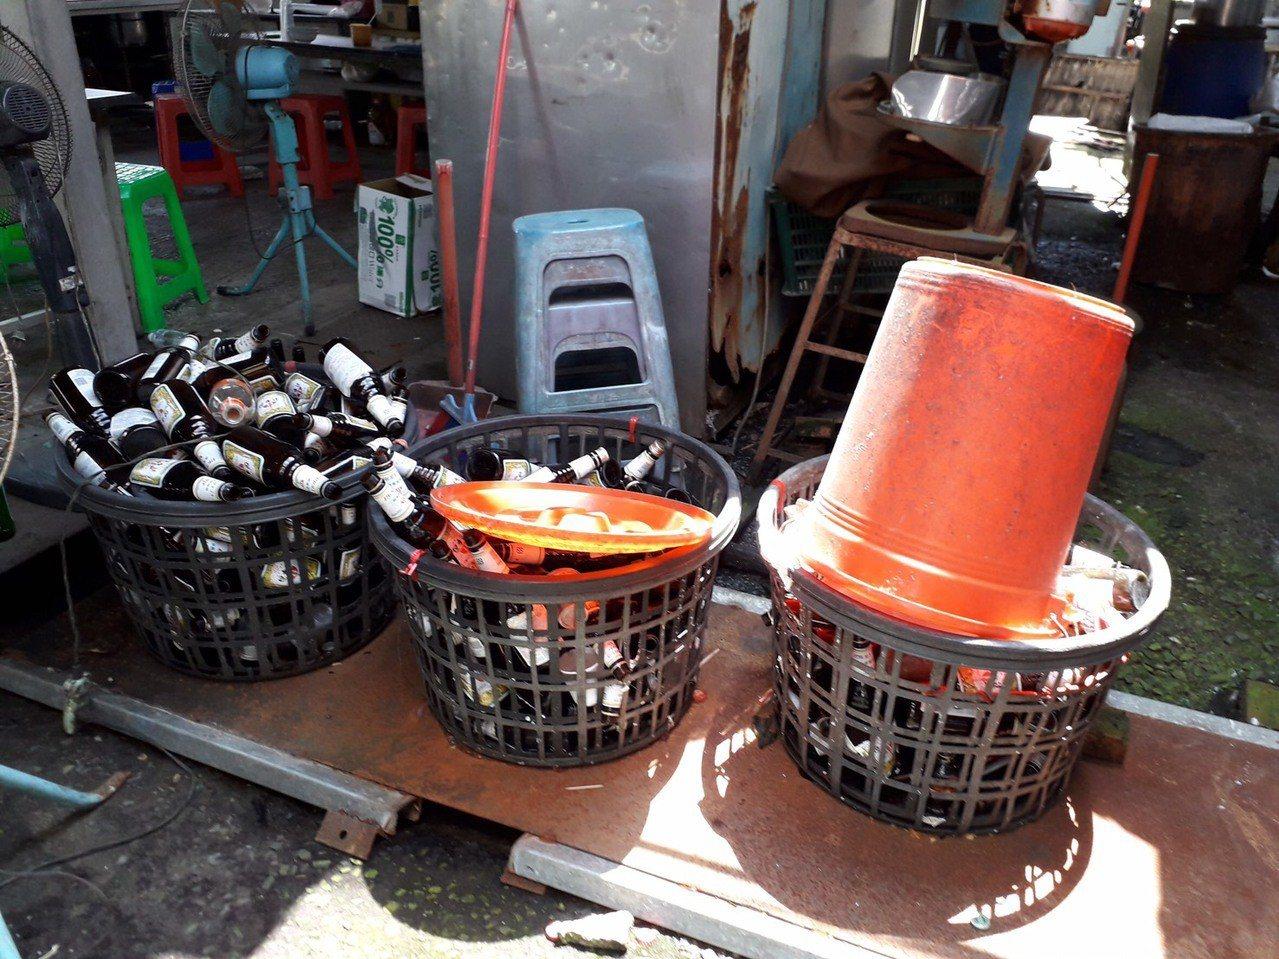 台南市登革熱防治中心提醒民眾,旗幟底座可能是容易疏忽的孳生源,回收的鋁罐雖然倒扣...